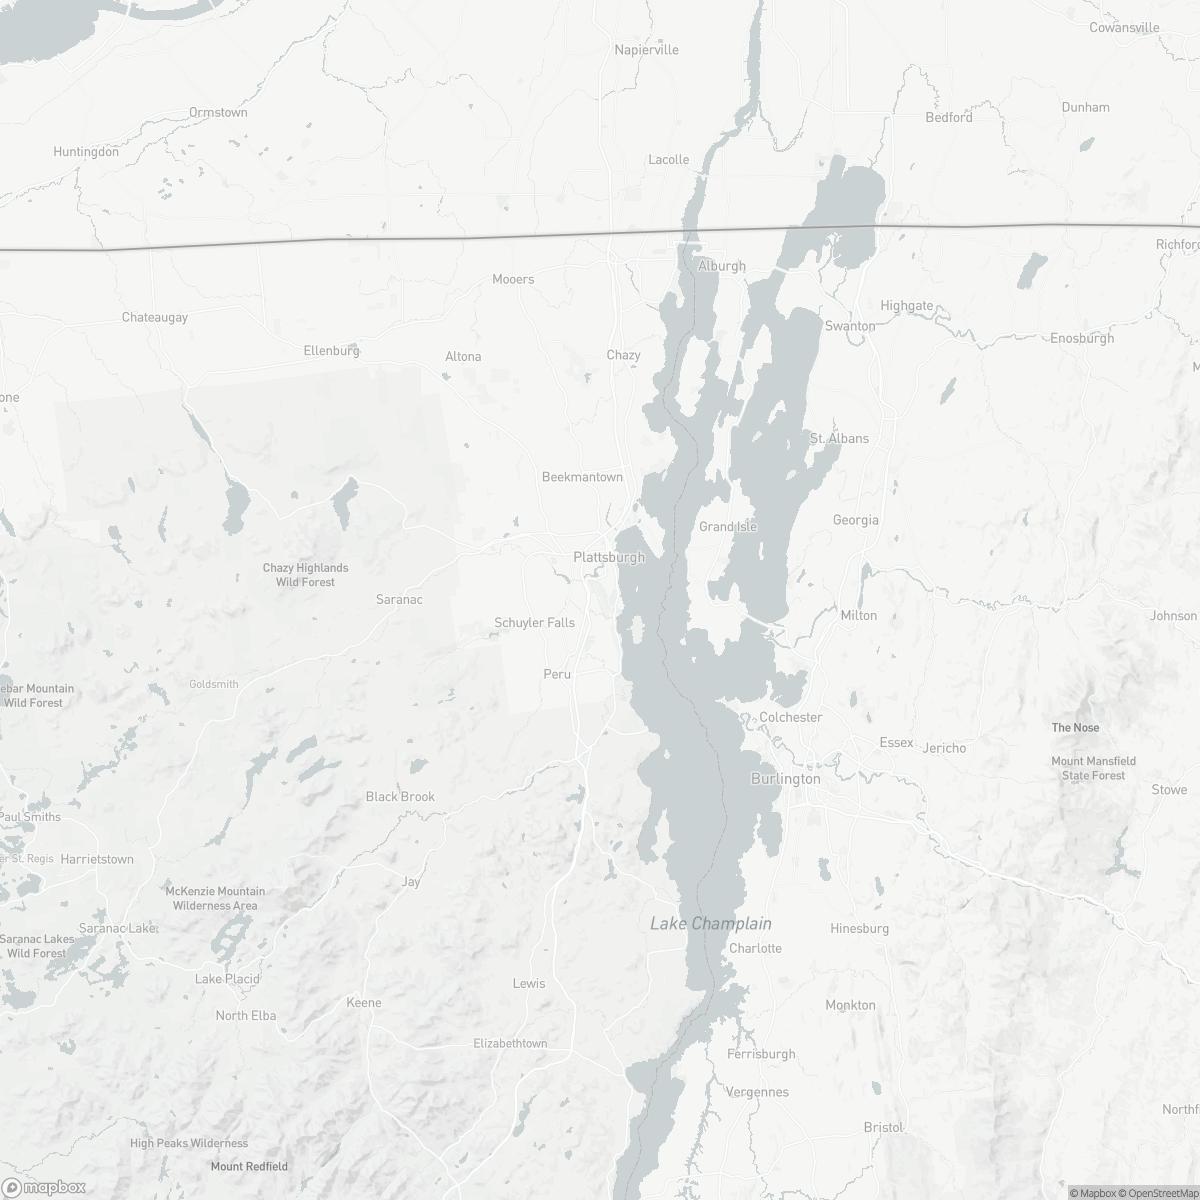 Map of Plattsburgh International Airport PBG surrounding area of Plattsburgh New York